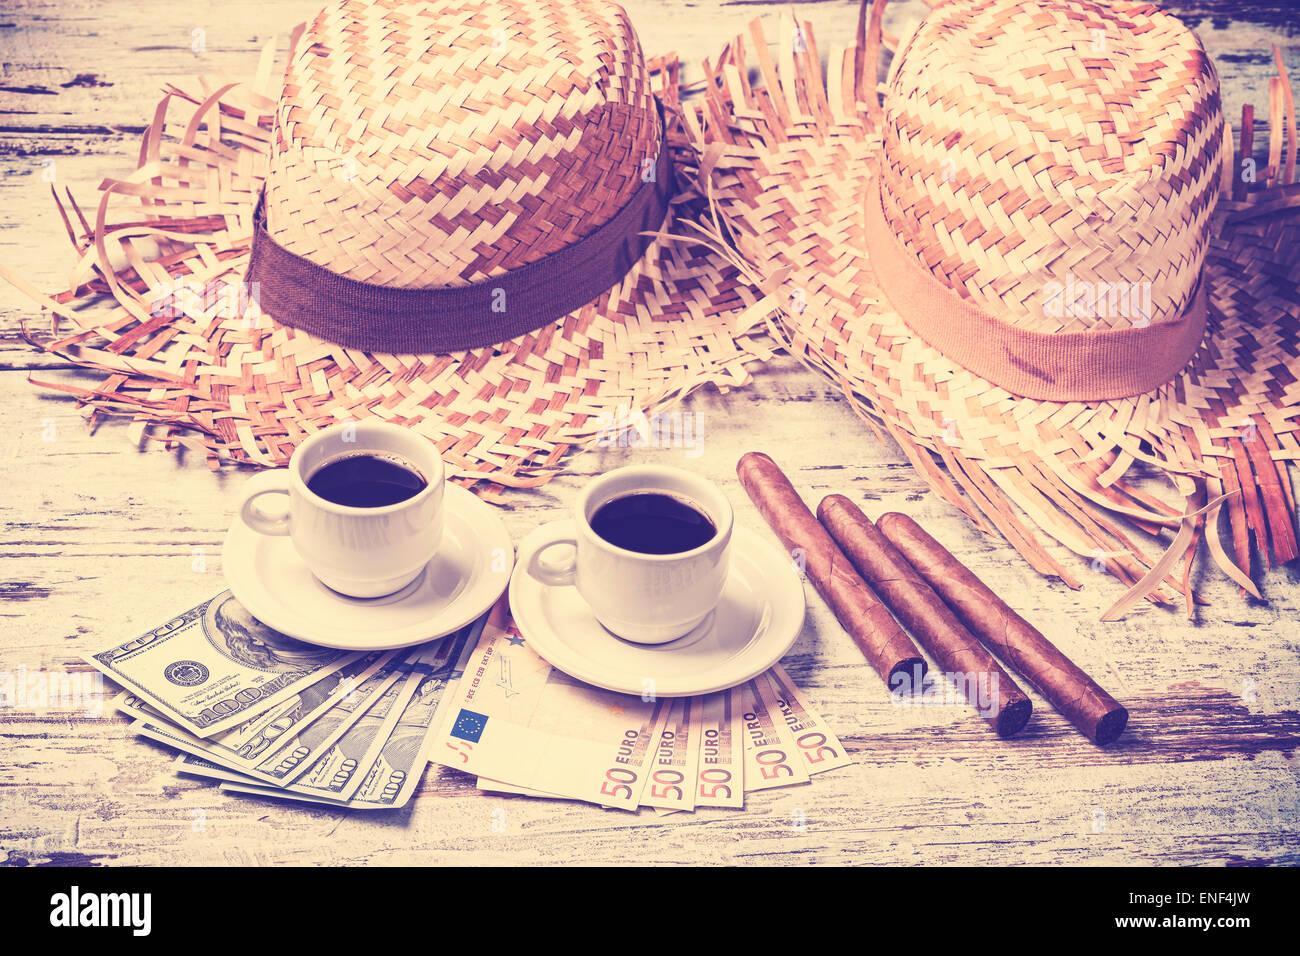 Vintage cafés filtrados, cigarros, dinero y sombreros. Concepto de aventura en verano. Imagen De Stock